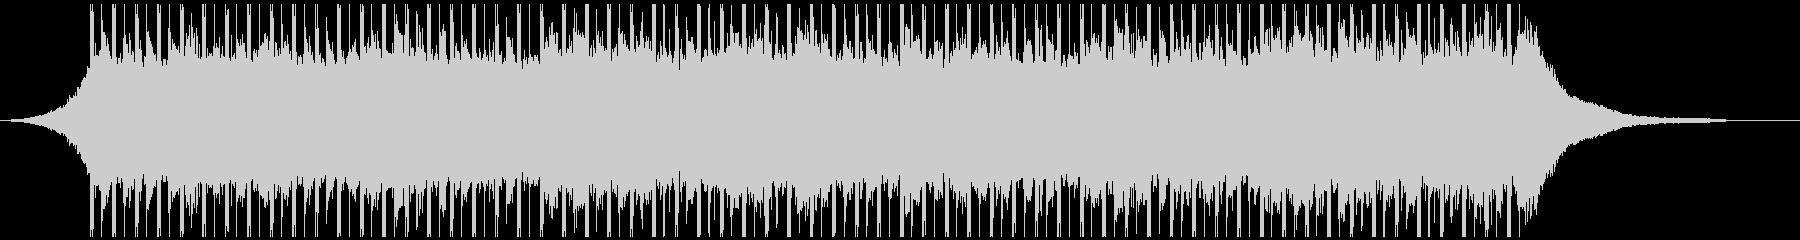 コーポレートアップビート(40秒)の未再生の波形